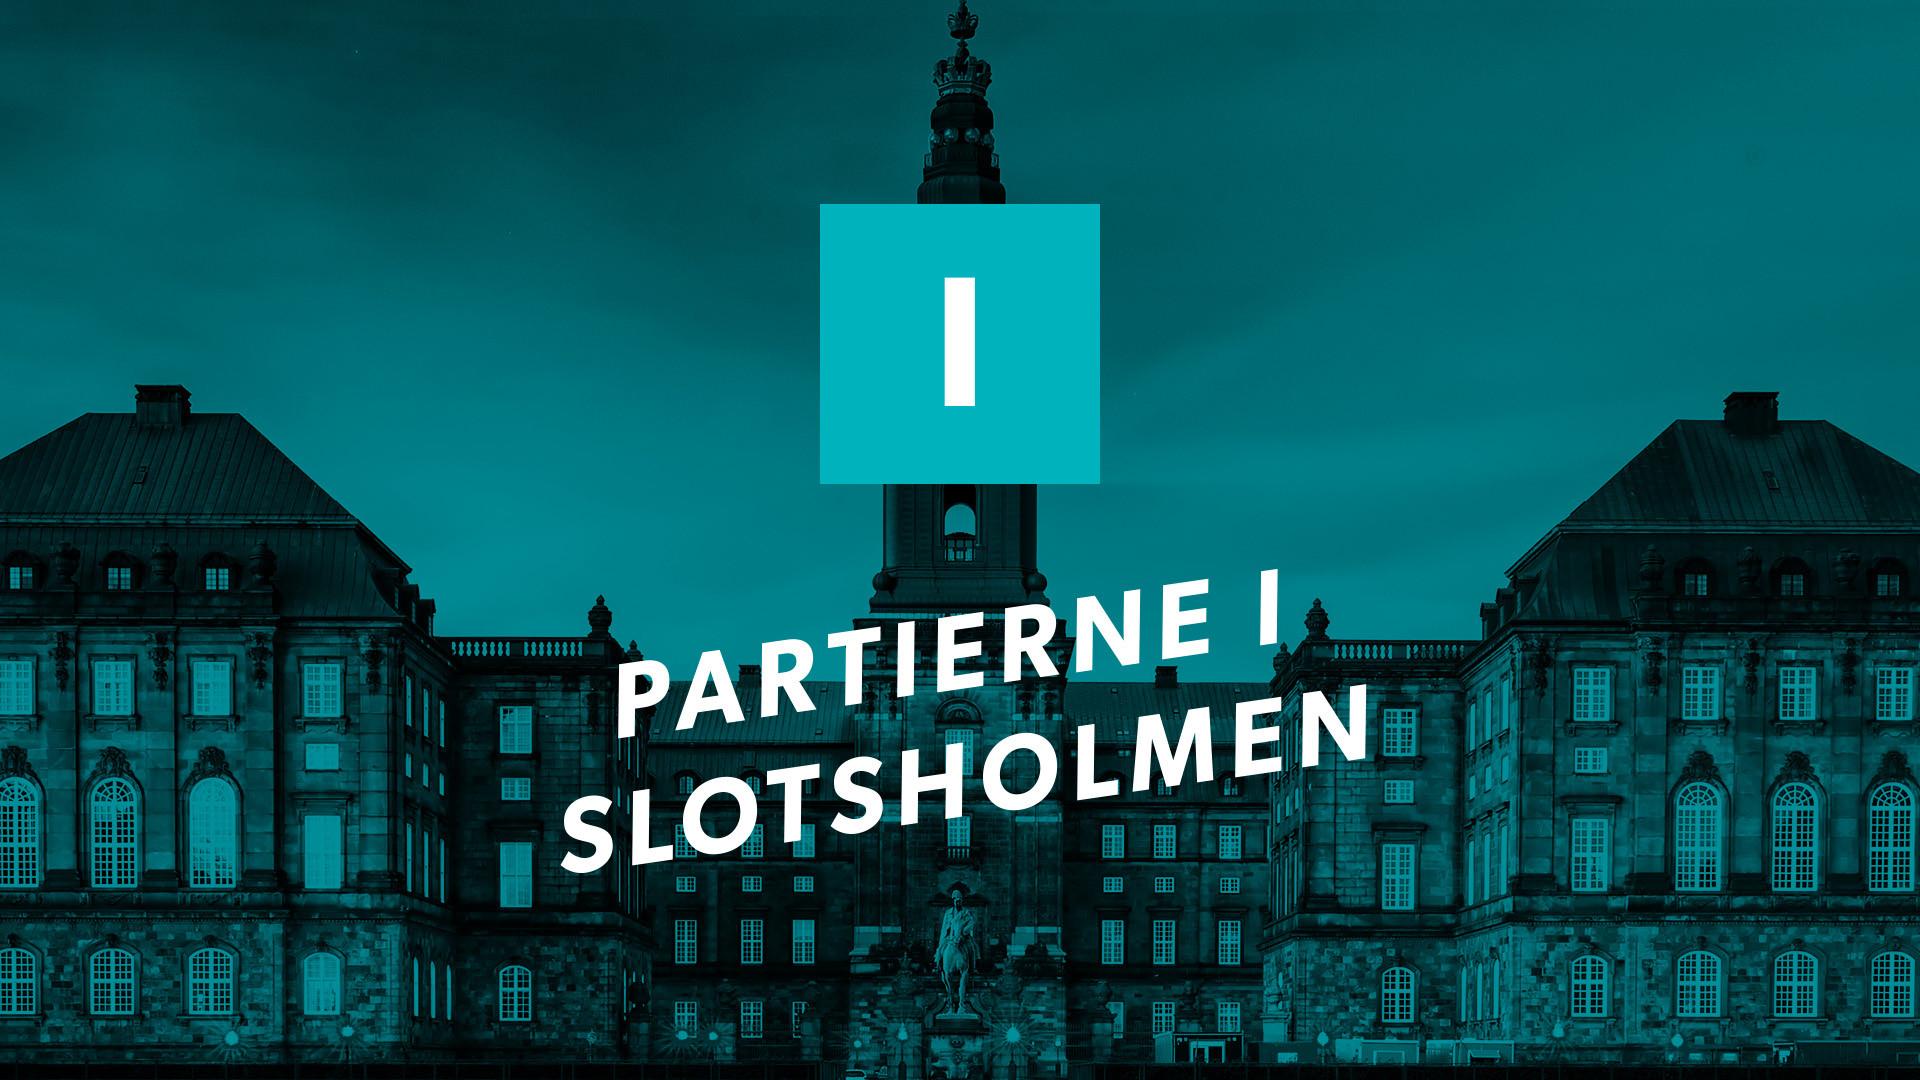 slotsholmen-la.jpg